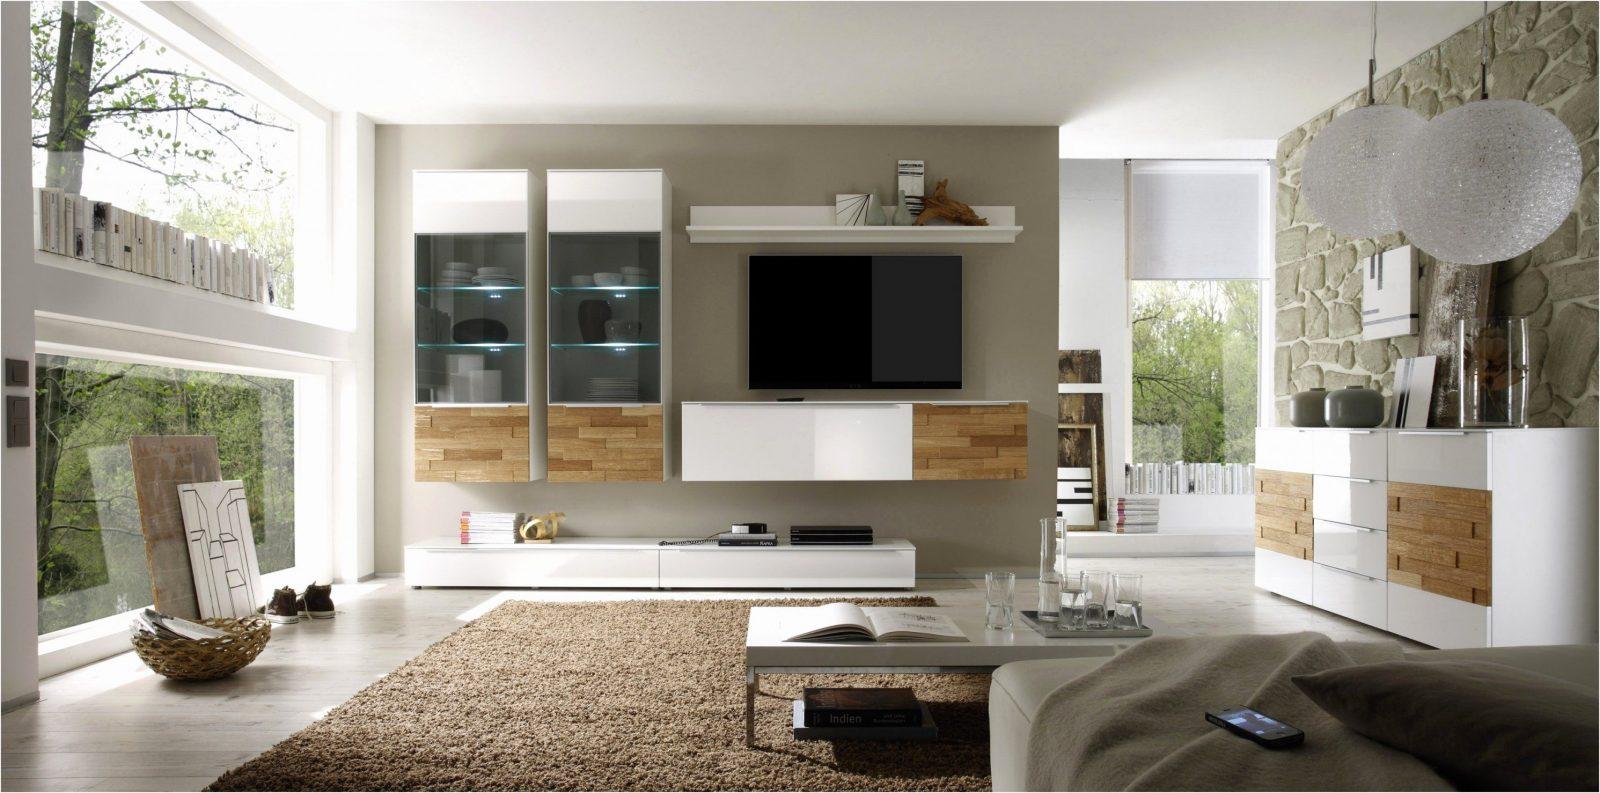 Deko Ideen 1 Zimmer Wohnung Luxus Frisch 1 Zimmer Wohnung Einrichten Von 1 Zimmer  Wohnung Einrichten Ideen Bild